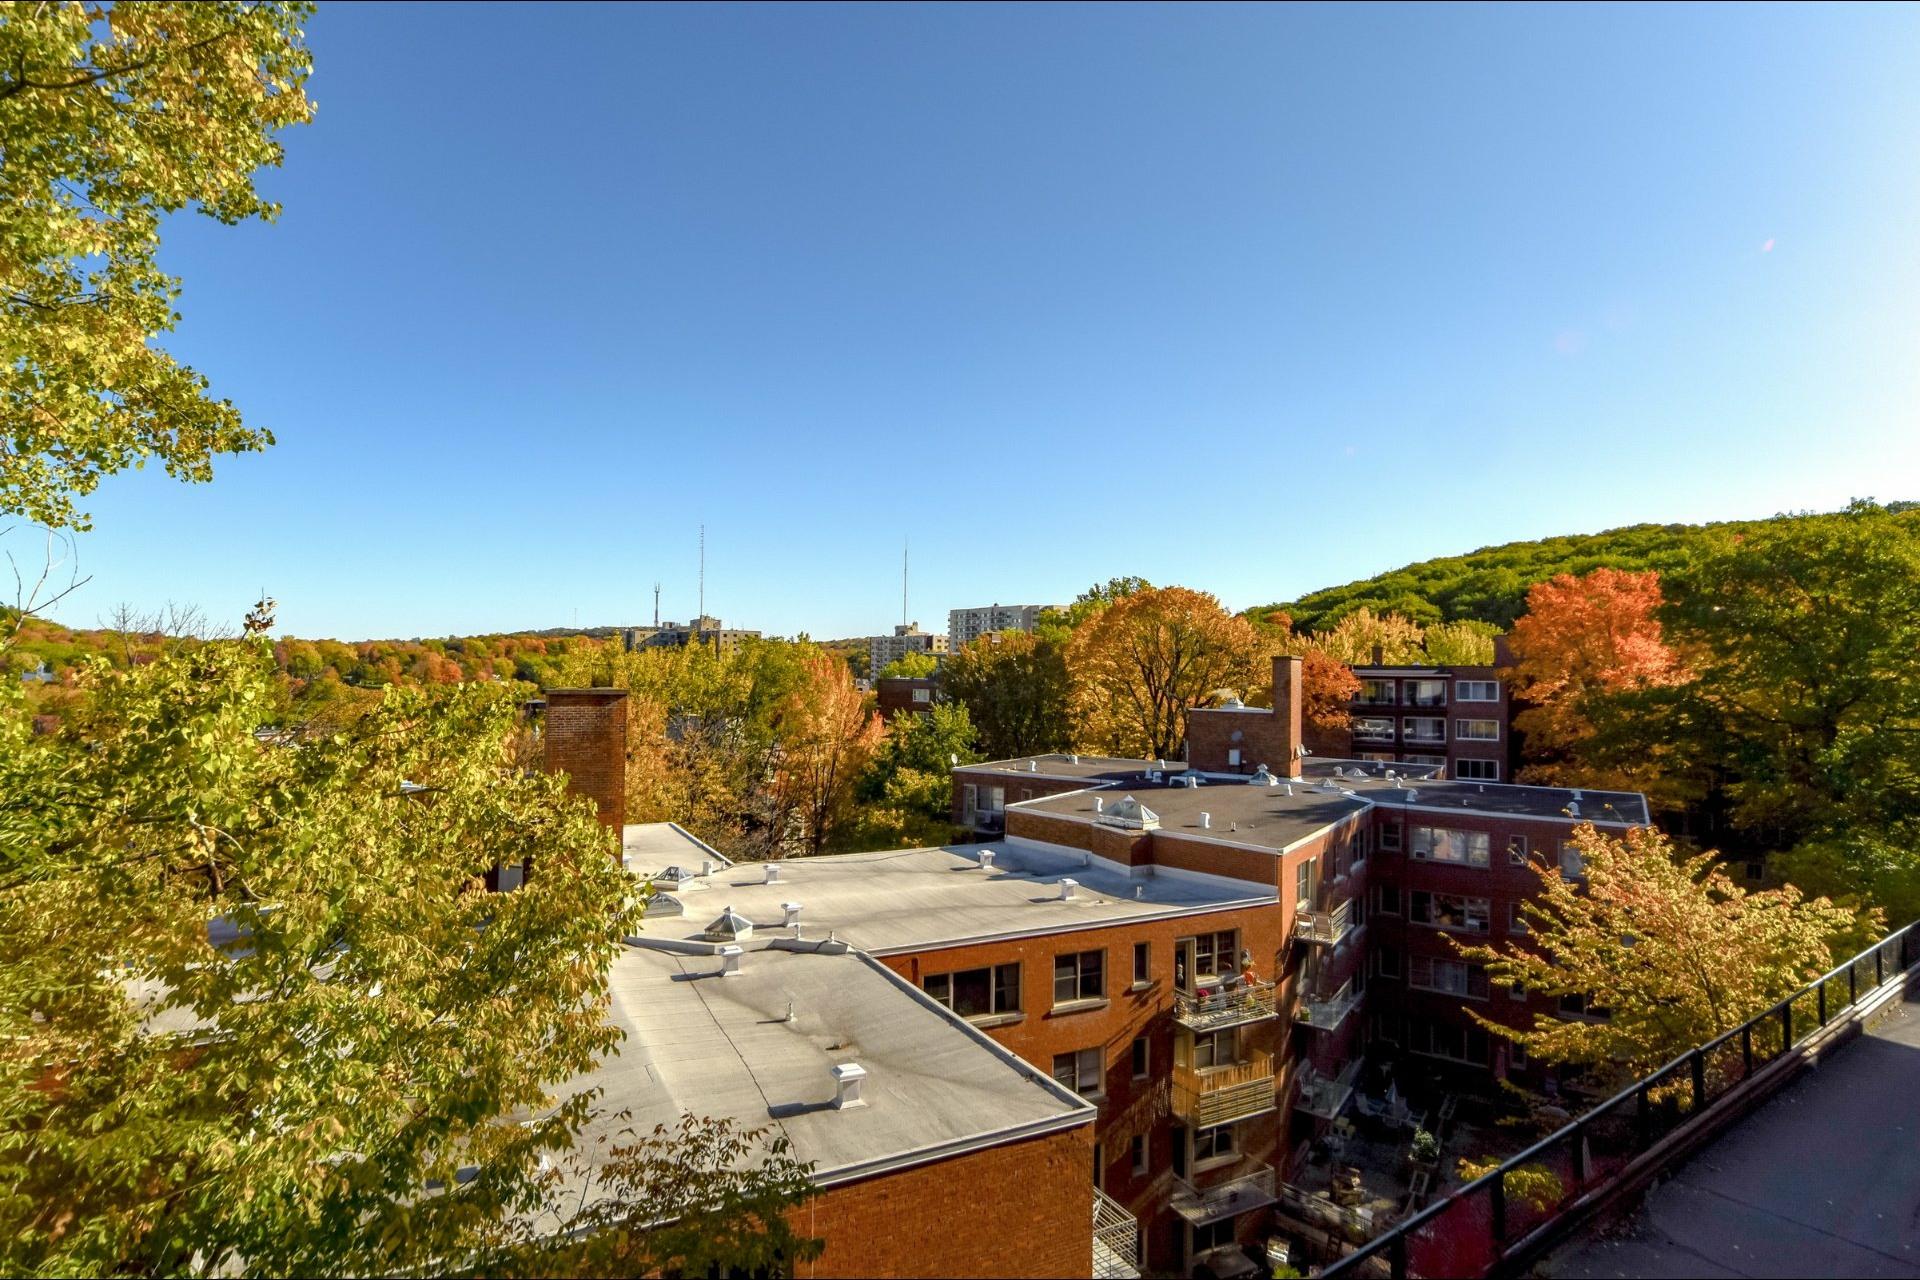 image 18 - Appartement À vendre Côte-des-Neiges/Notre-Dame-de-Grâce Montréal  - 4 pièces